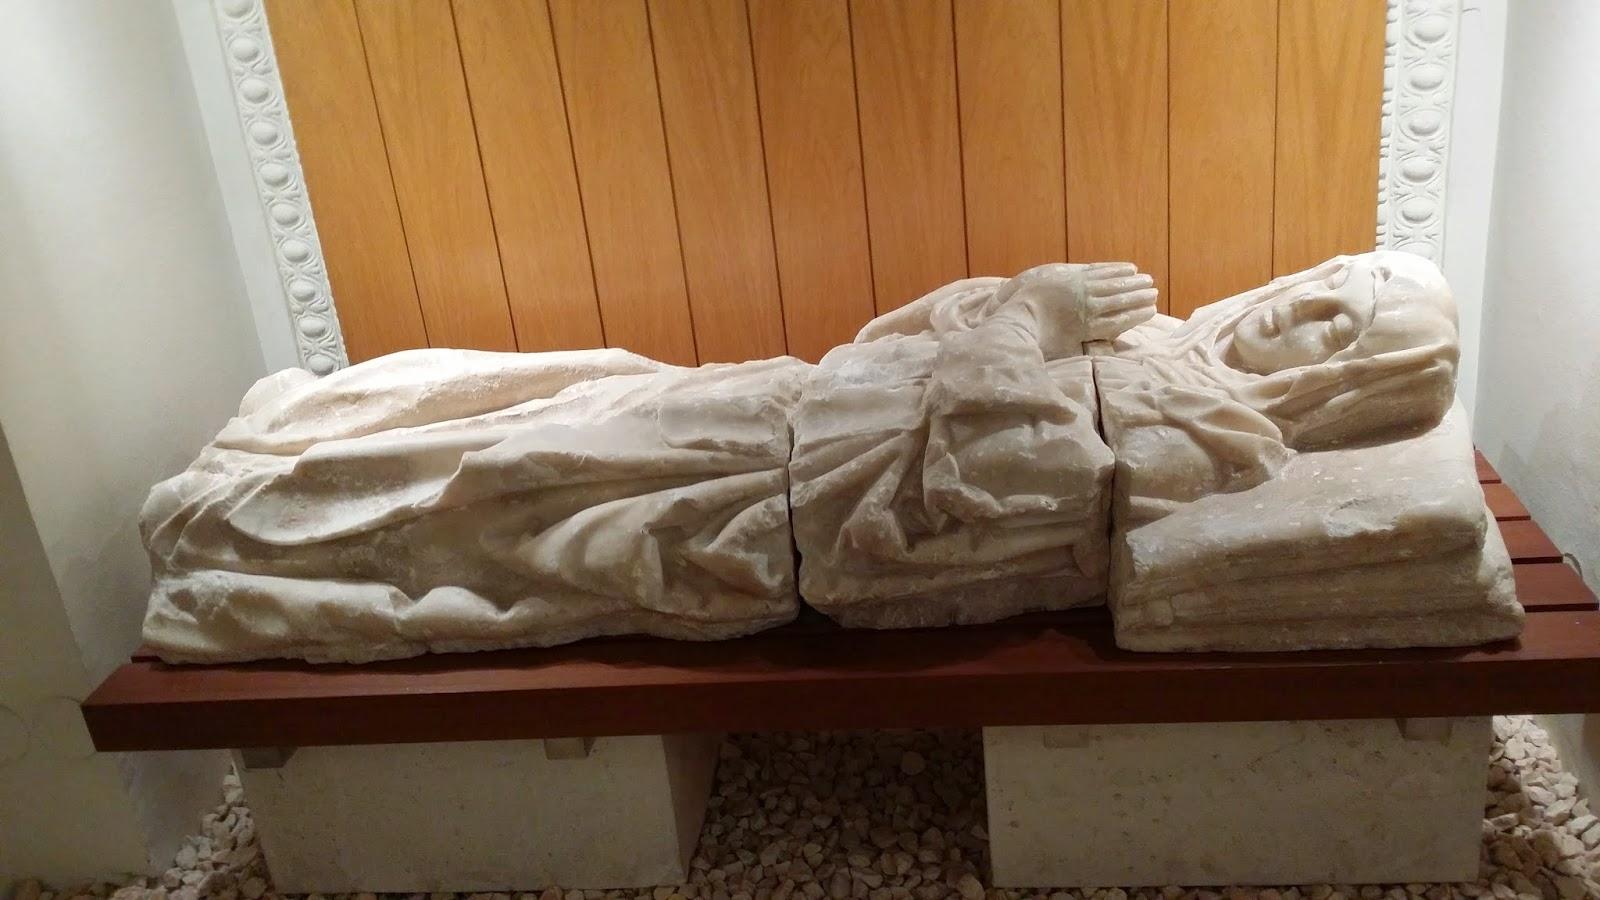 El  detalle monumental de marzo, dedicado a los sepulcros y esculturas funerarias renacentistas